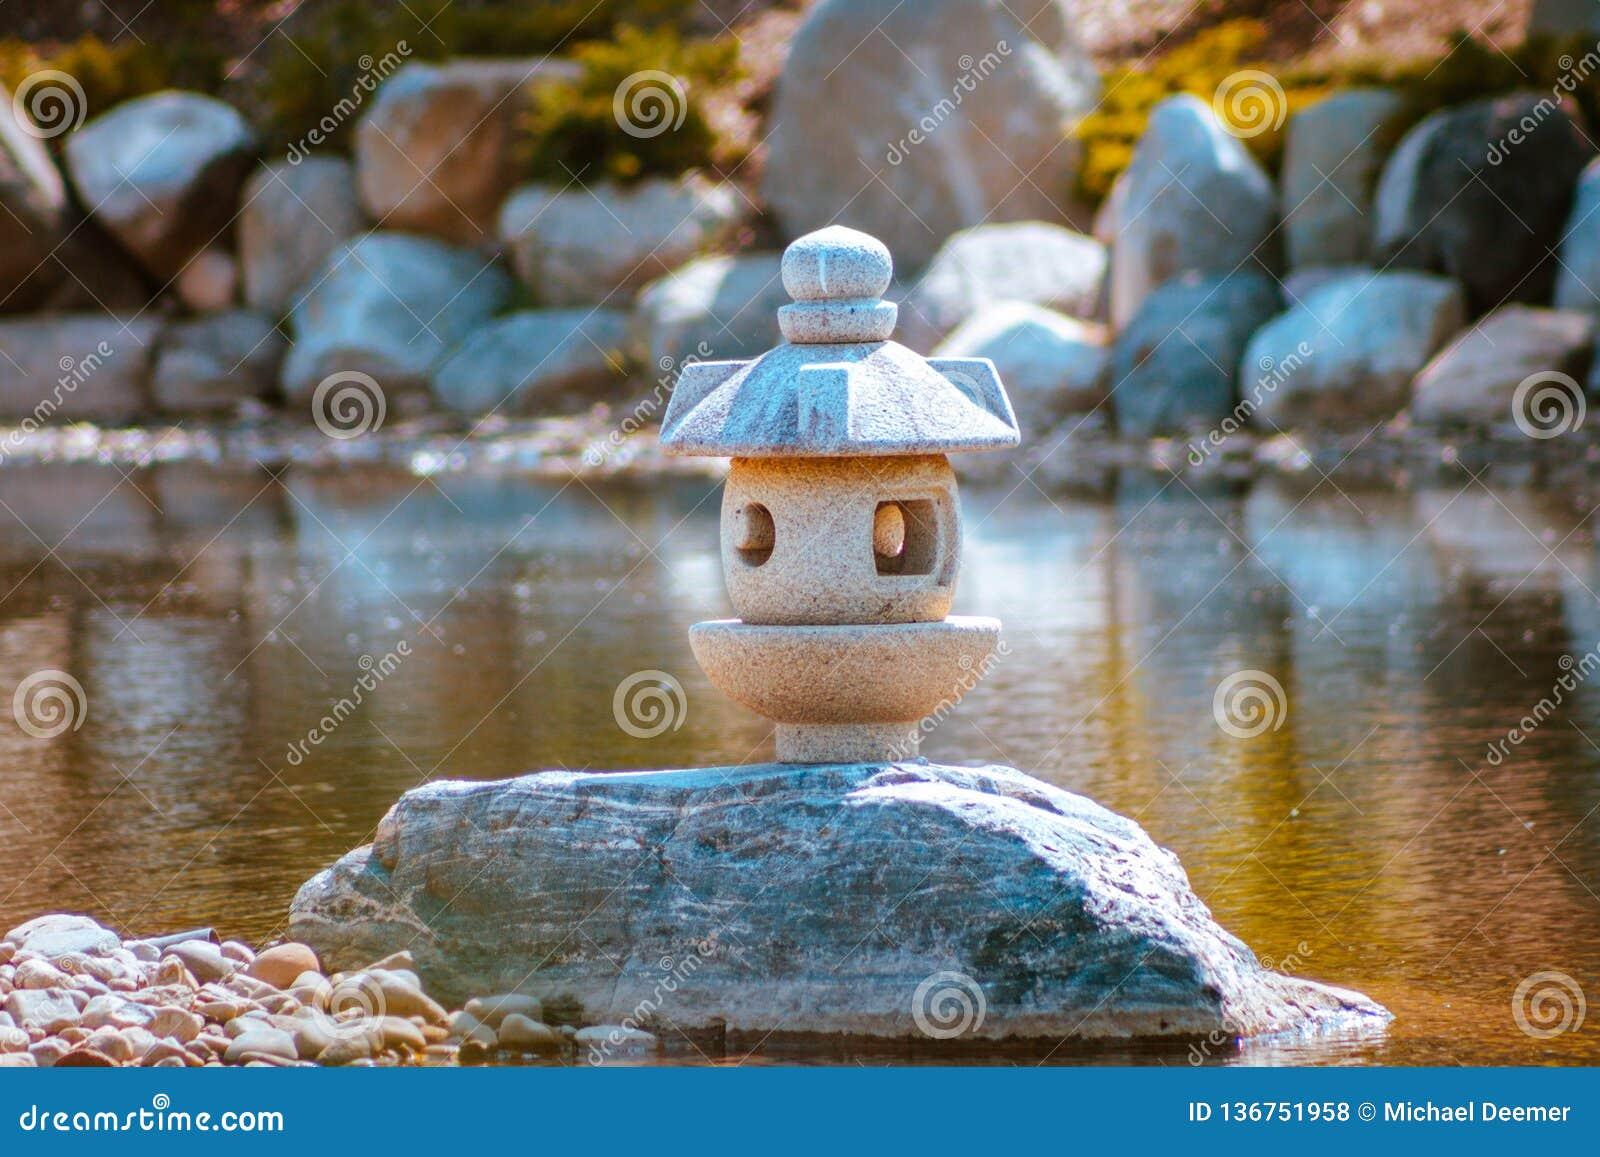 A estátua da lanterna japonesa está sozinha em uma península nos jardins japoneses